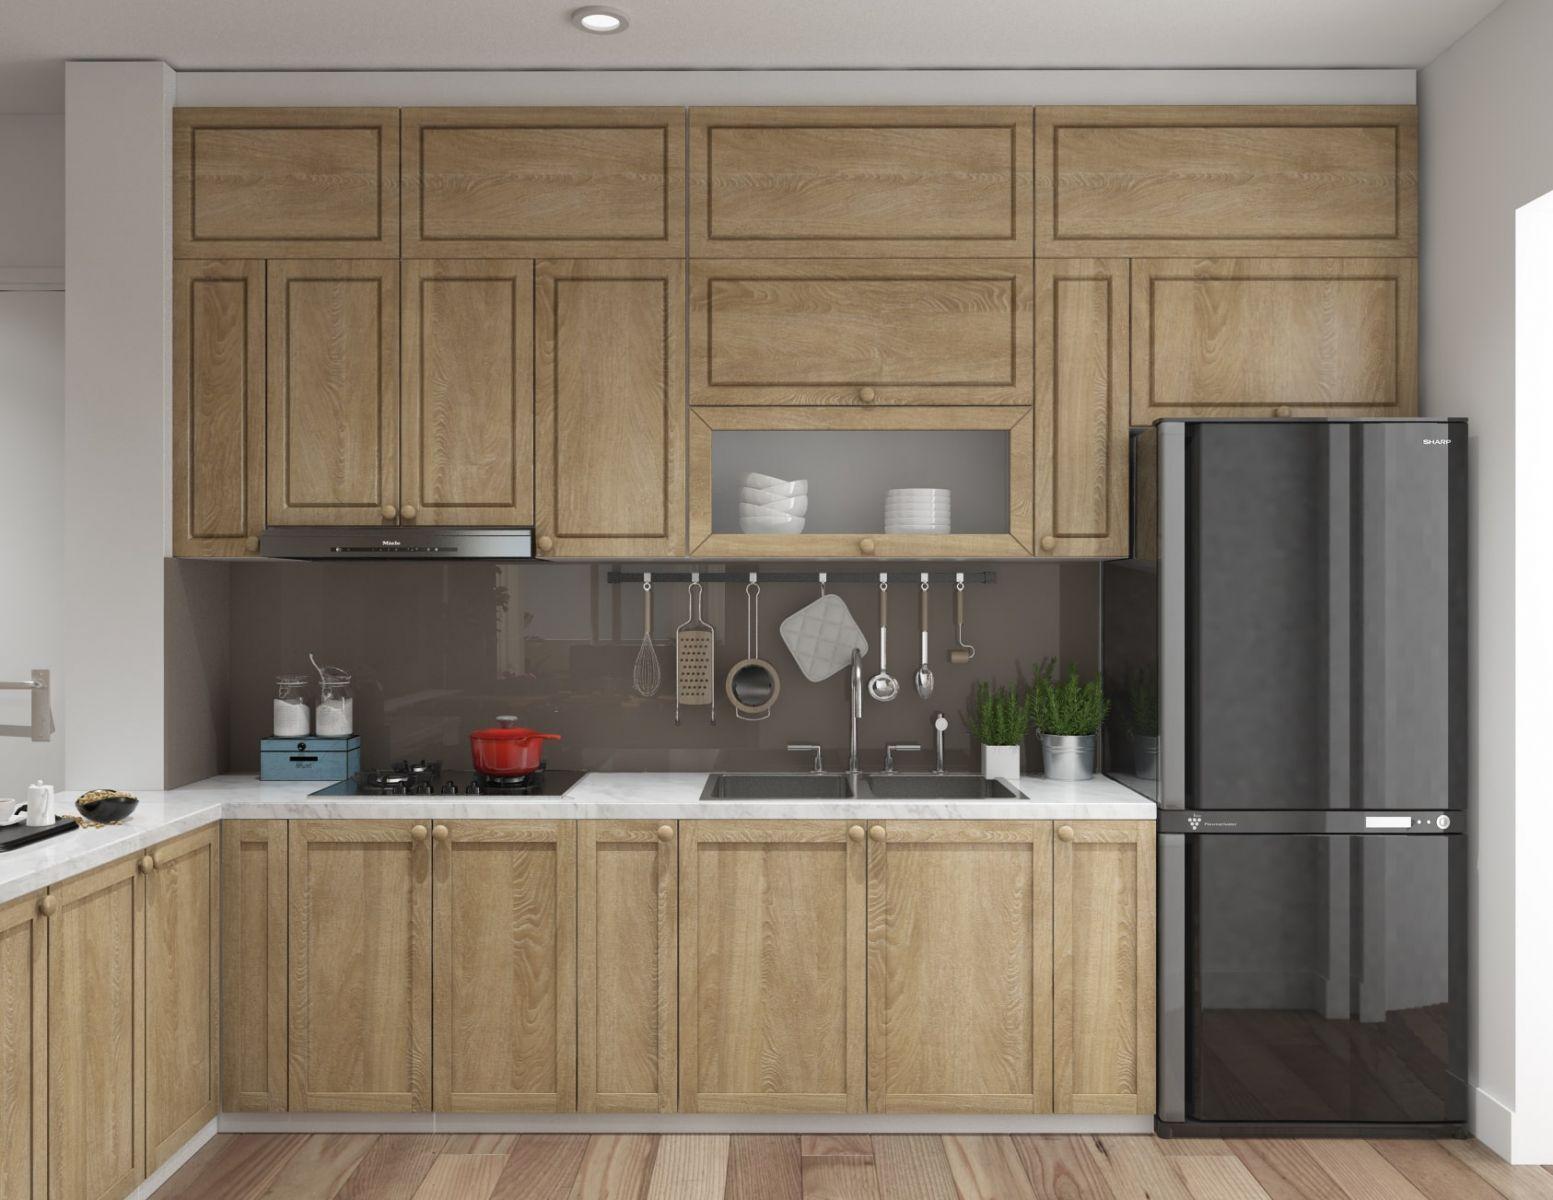 Kinh nghiệm chọn tủ lạnh trong nội thất bếp gia đình